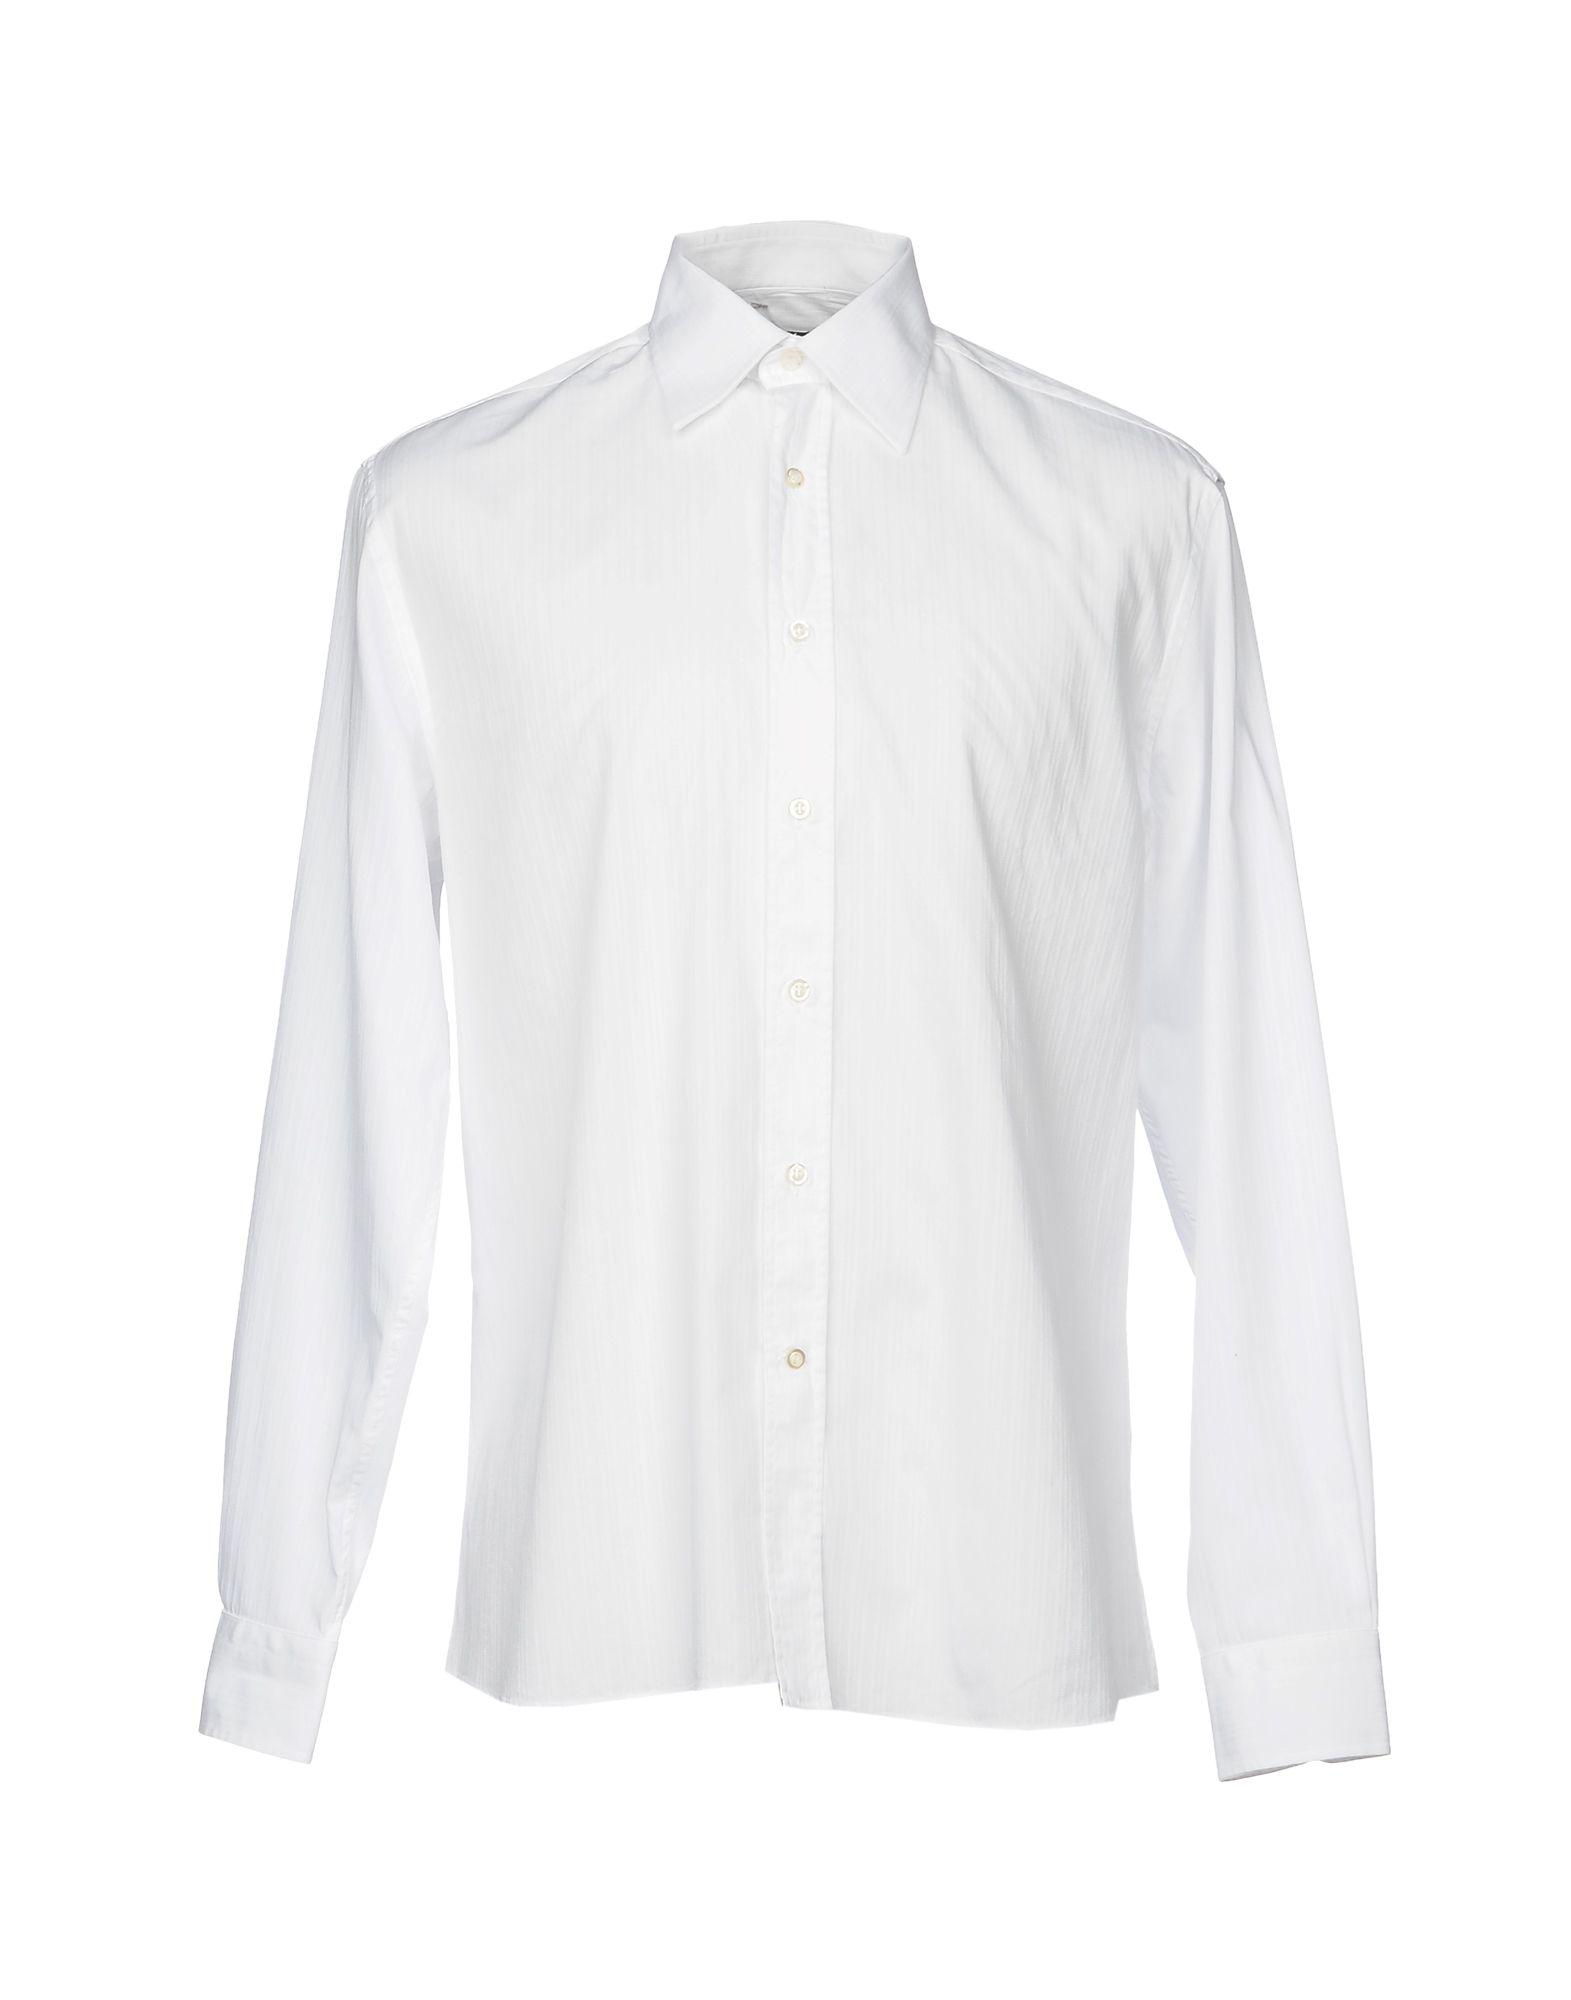 где купить ALEA Pубашка по лучшей цене